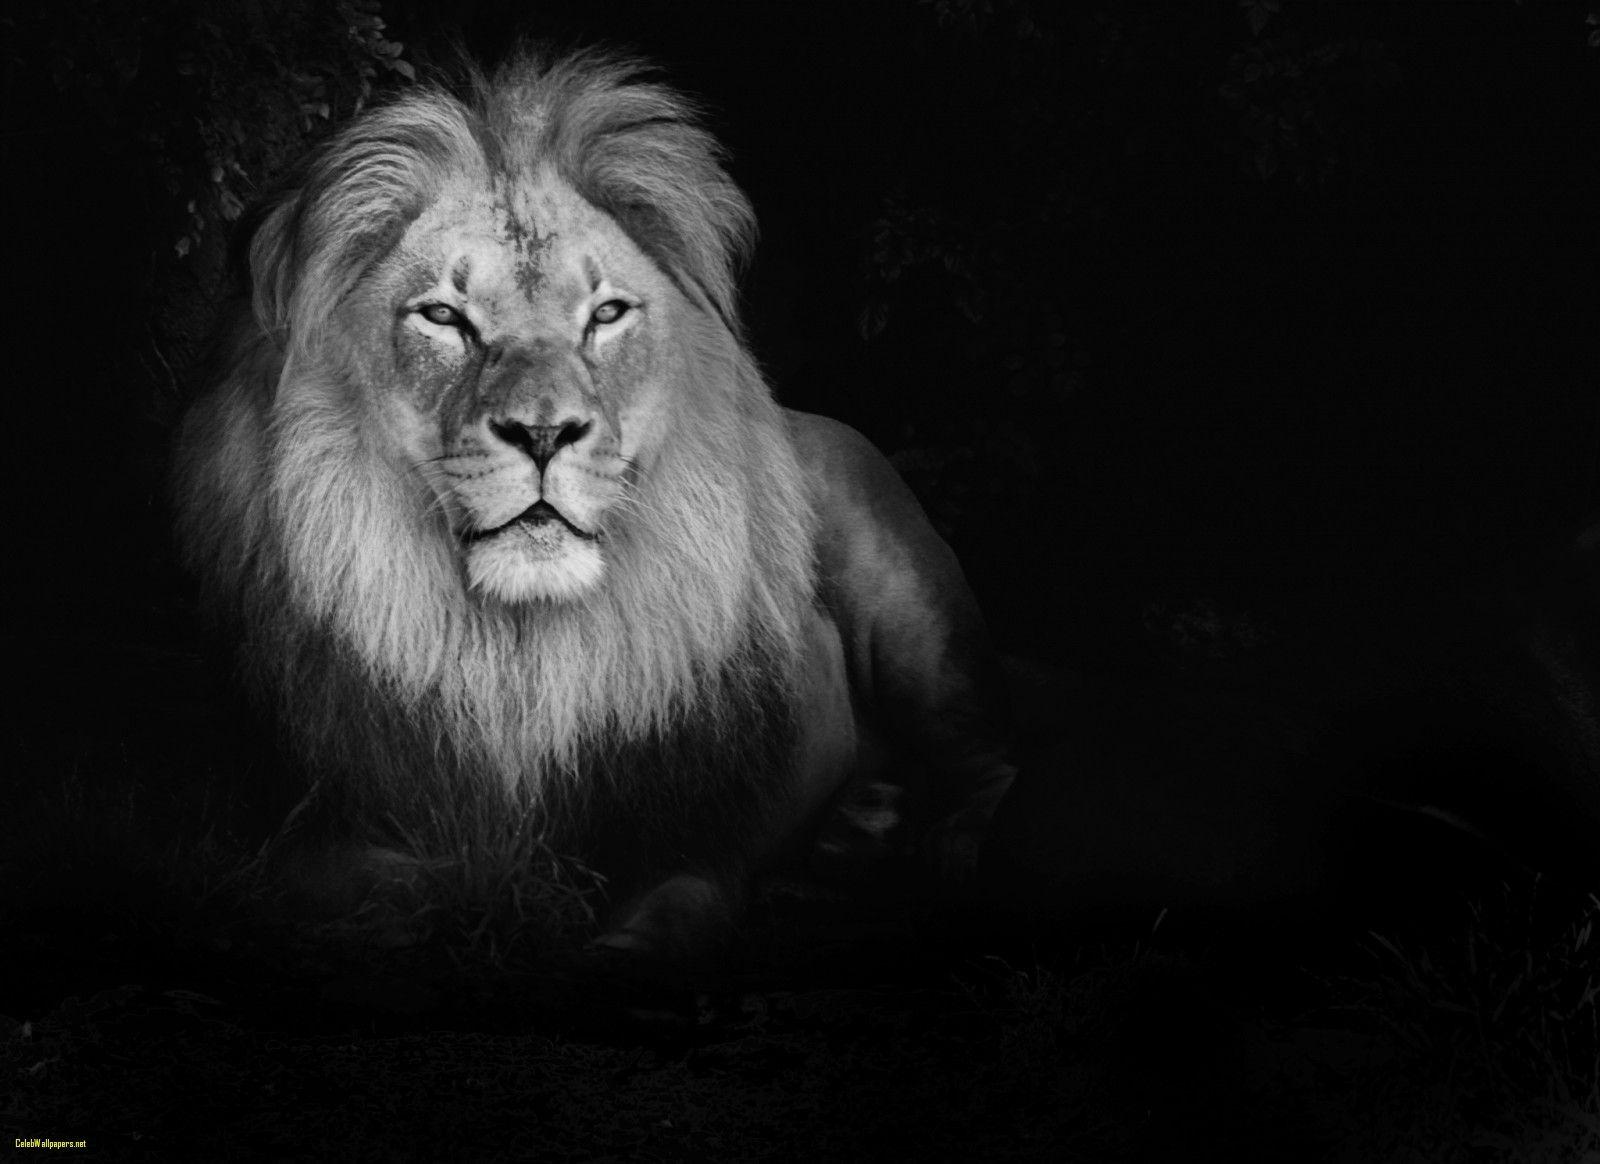 White Lion Wallpaper 27 1600 X 1164 Stmed Net White Lion Images Lion Hd Wallpaper Lion Wallpaper